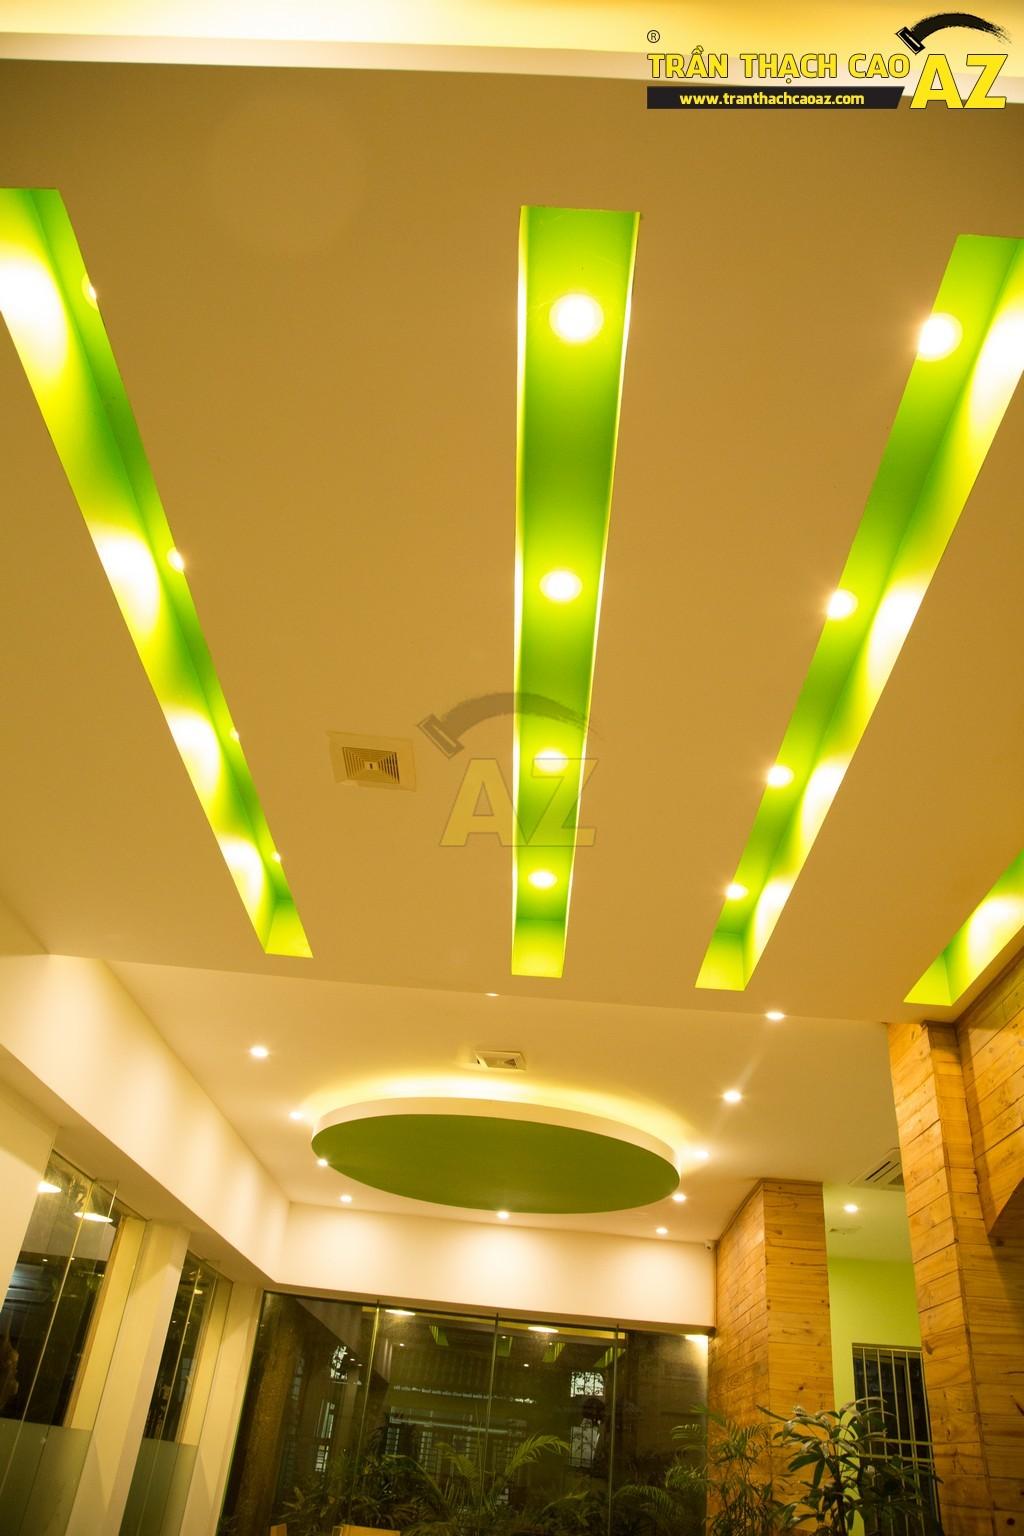 Trần thạch cao đẹp xuất sắc với cách phối màu hoàn hảo của nhà hàng Thắm Hùng - 12